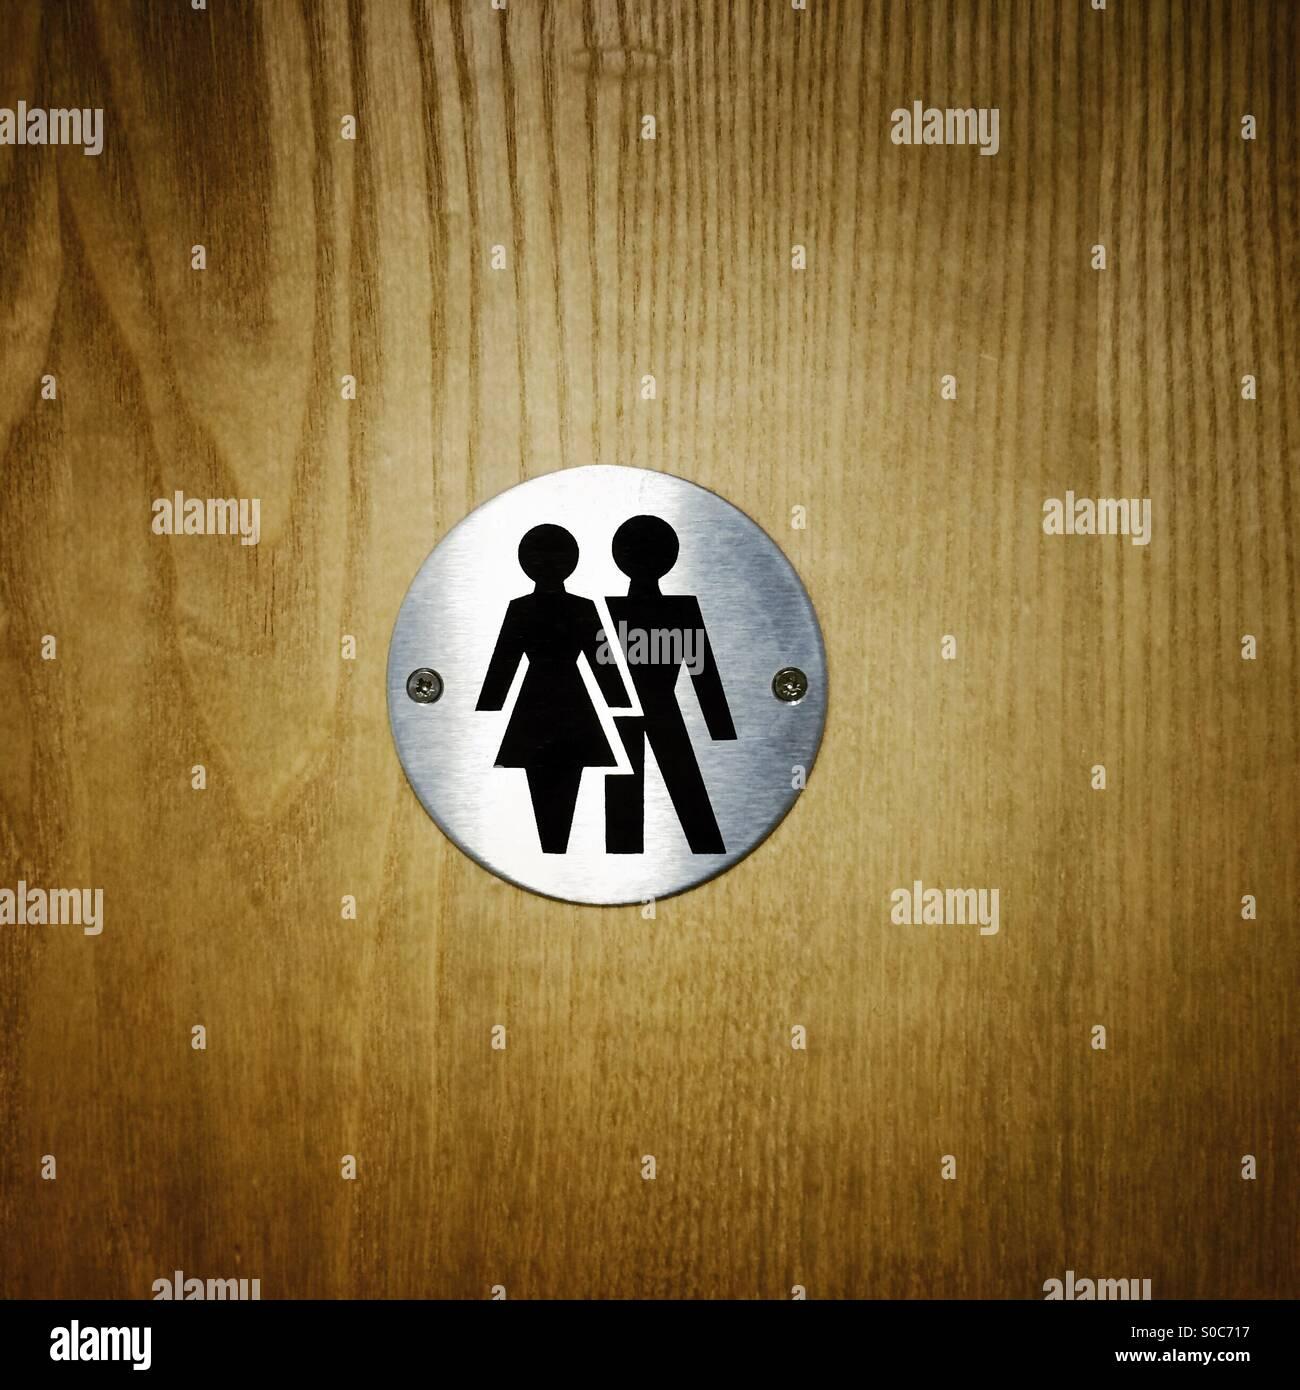 Femmina Maschio uomini donne matura unisex segno su legno wc wc porta Immagini Stock